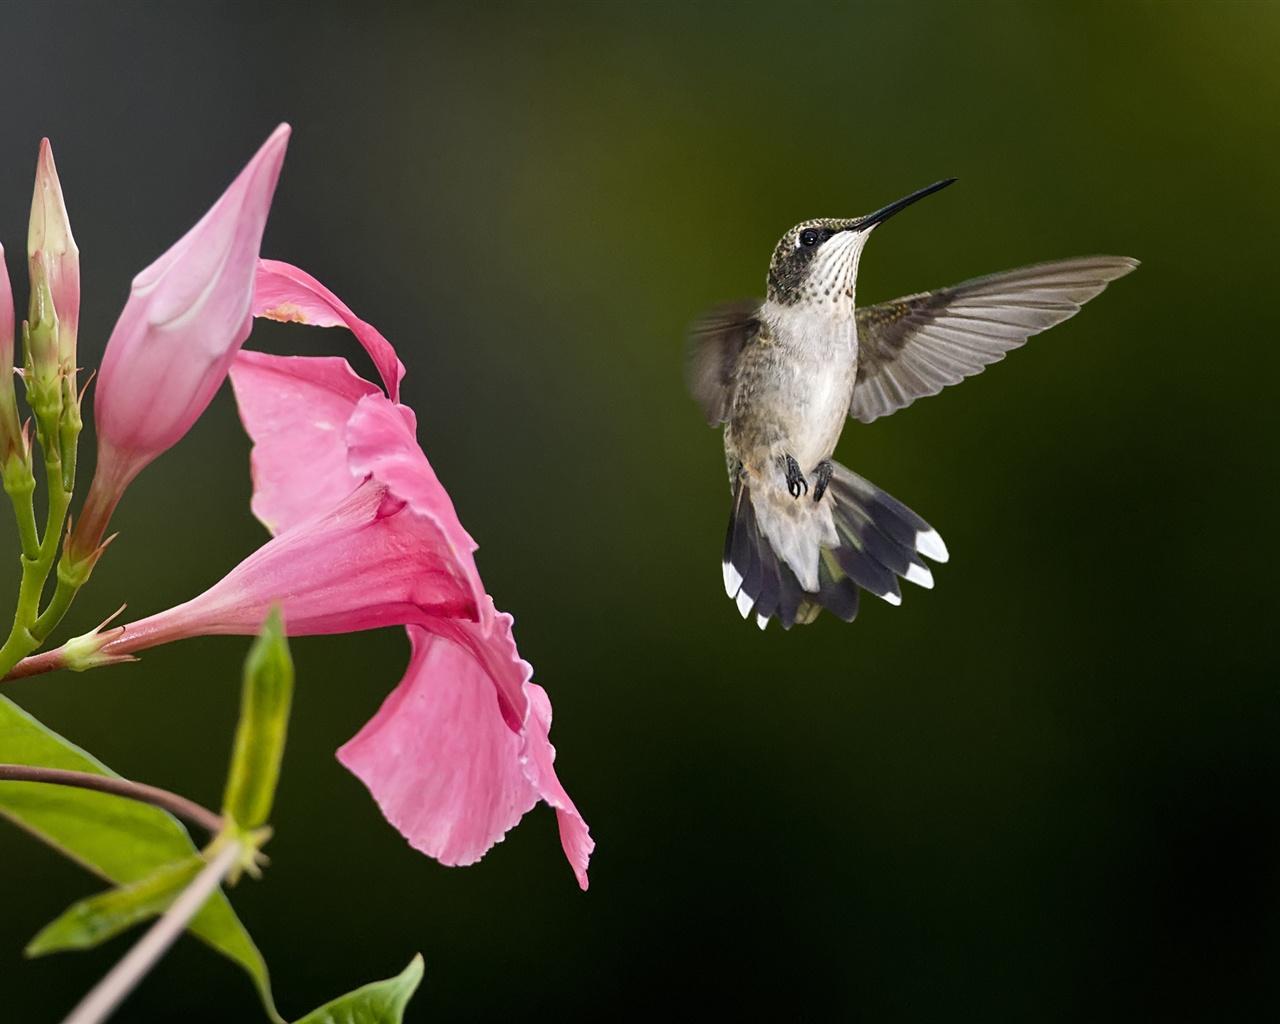 Download hintergrundbilder 1280x1024 kolibri fliegen rosa for Fliegen in blumen